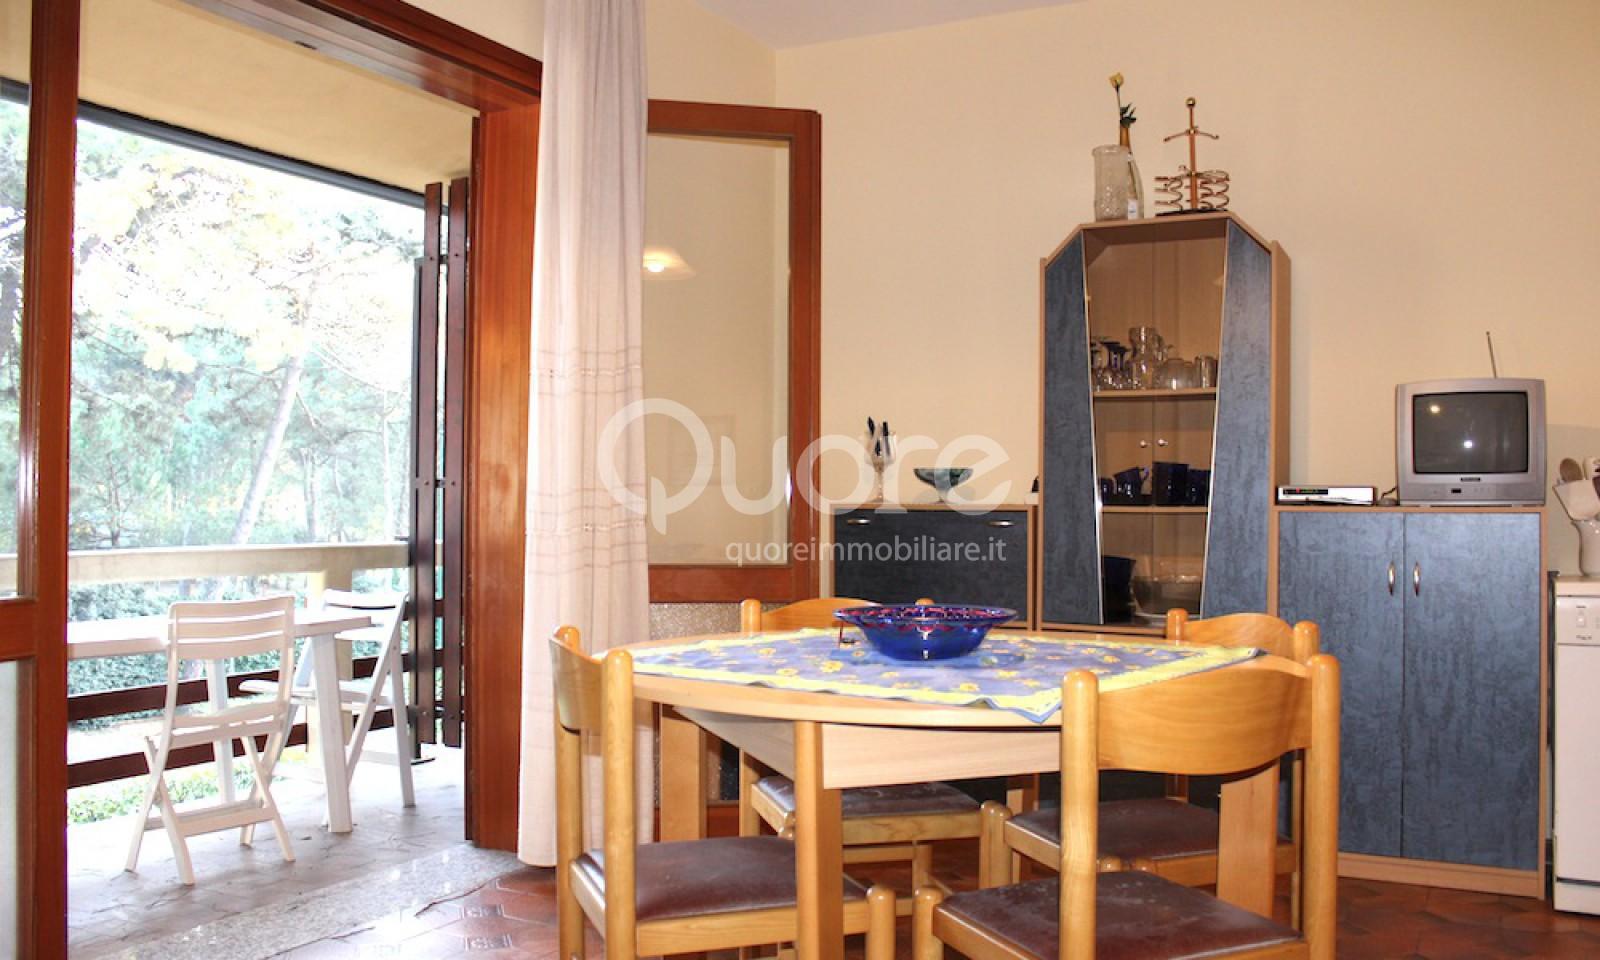 Appartamento in vendita a Lignano Sabbiadoro, 4 locali, zona Località: LignanoRiviera, prezzo € 180.000 | CambioCasa.it